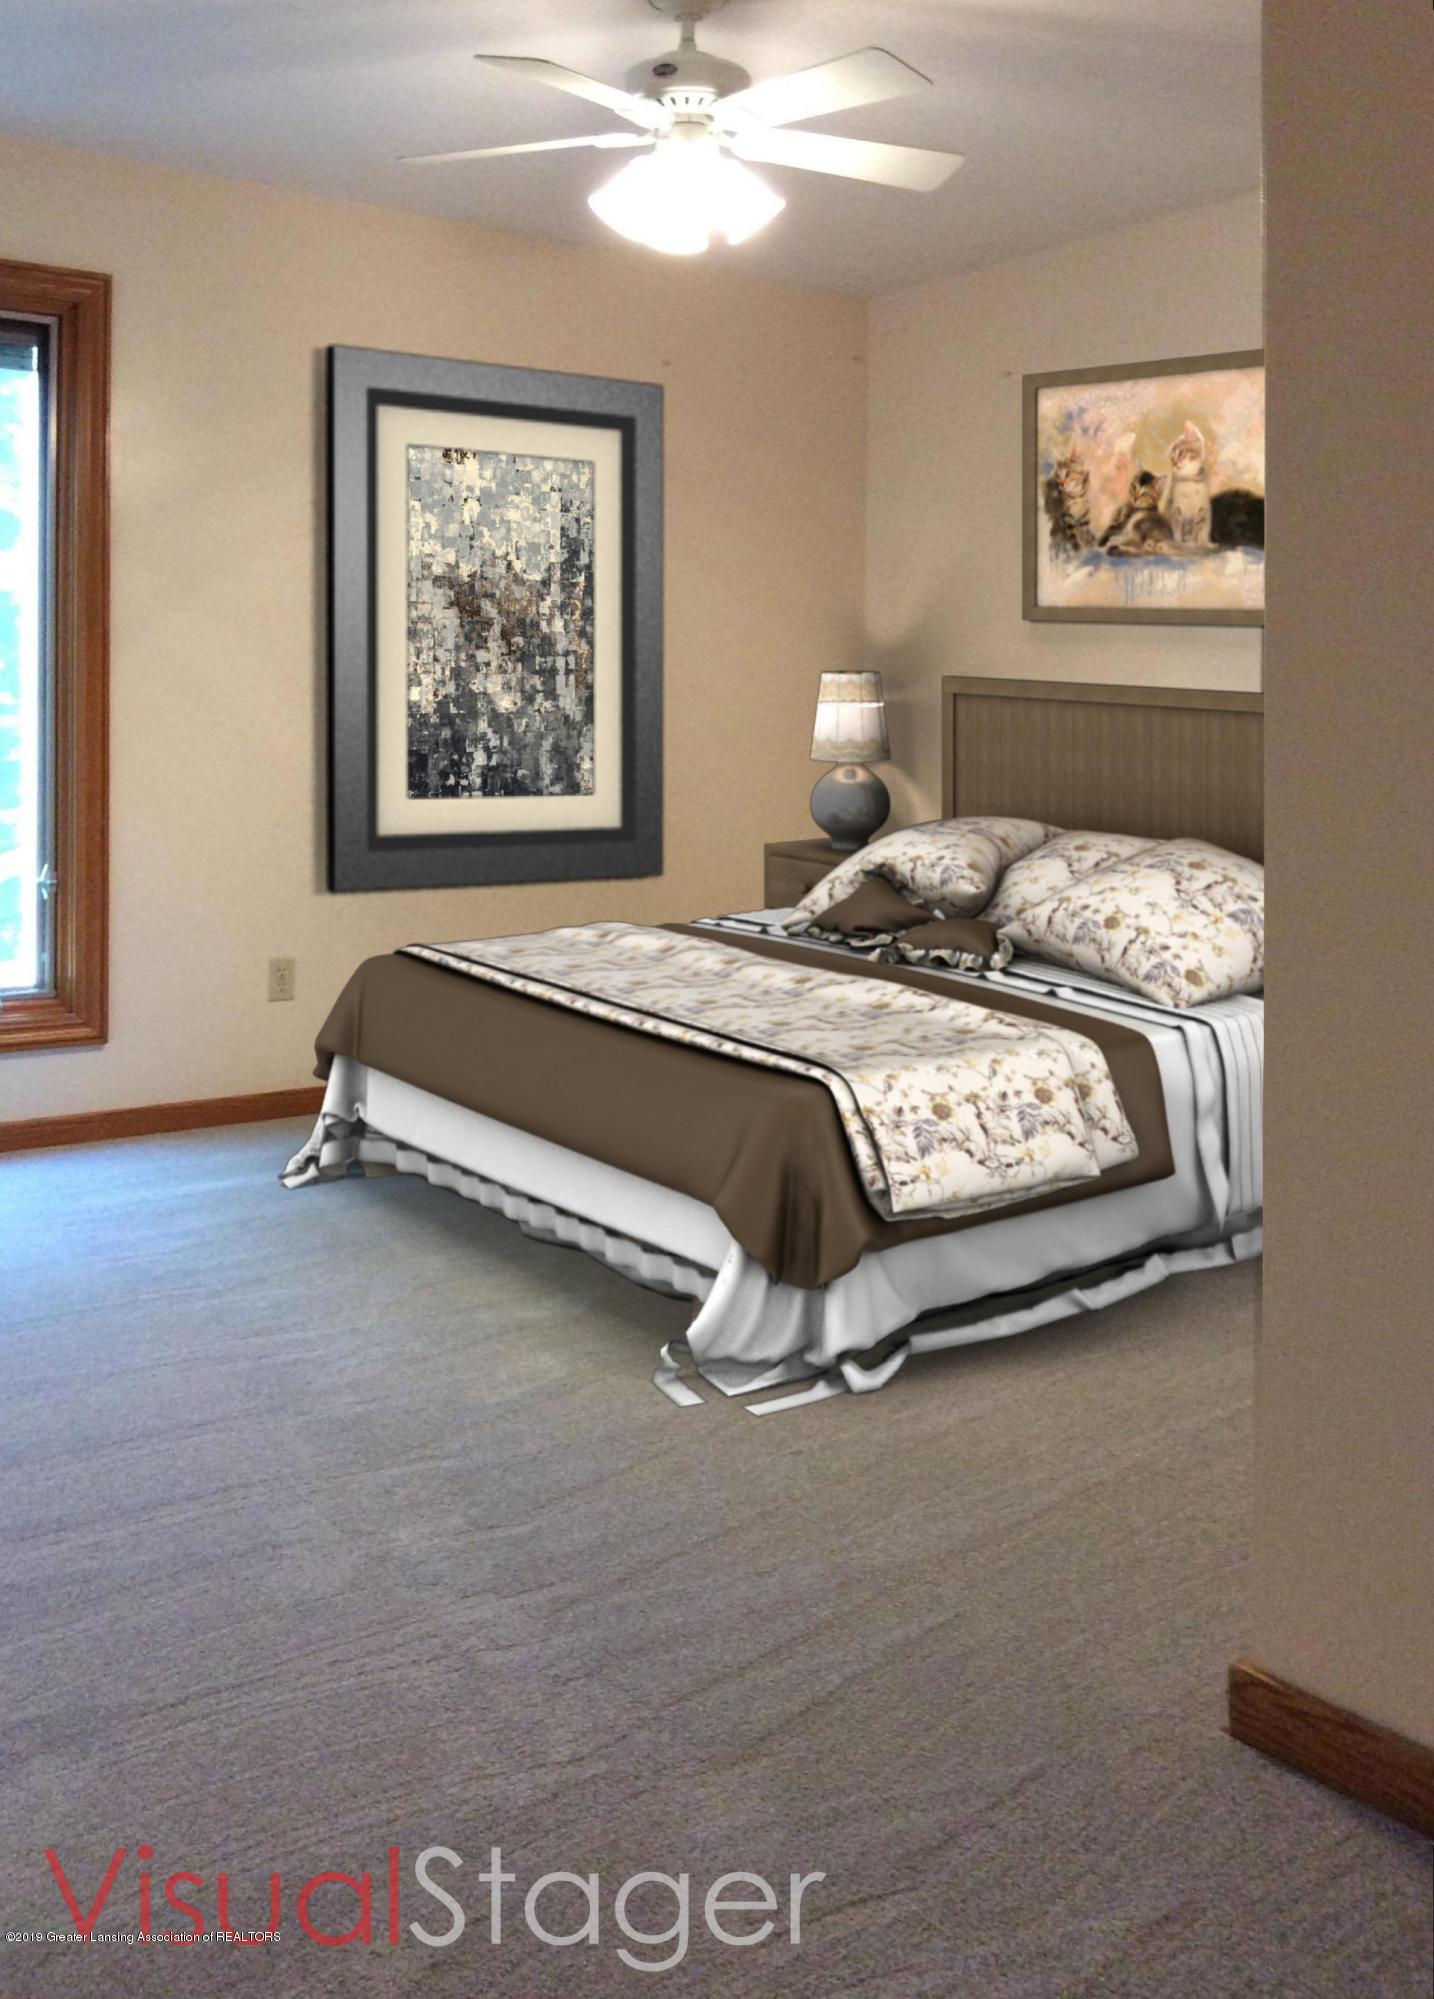 4542 Bracken Woods Dr - bedroom2 a-scene - 20